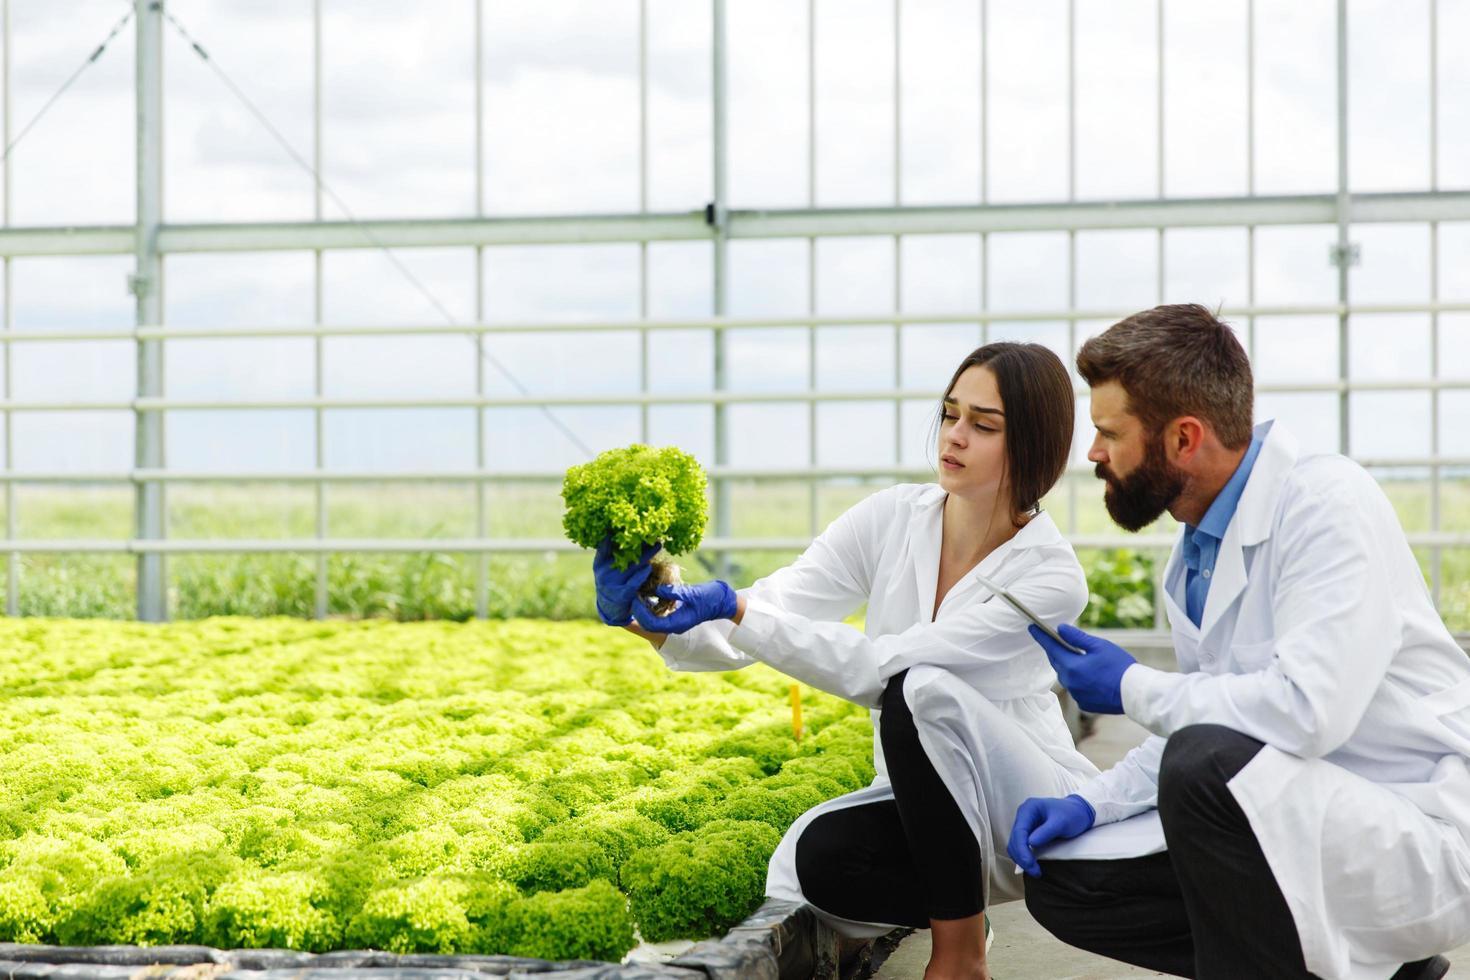 kvinna och man i laboratoriekläder undersöker växter foto